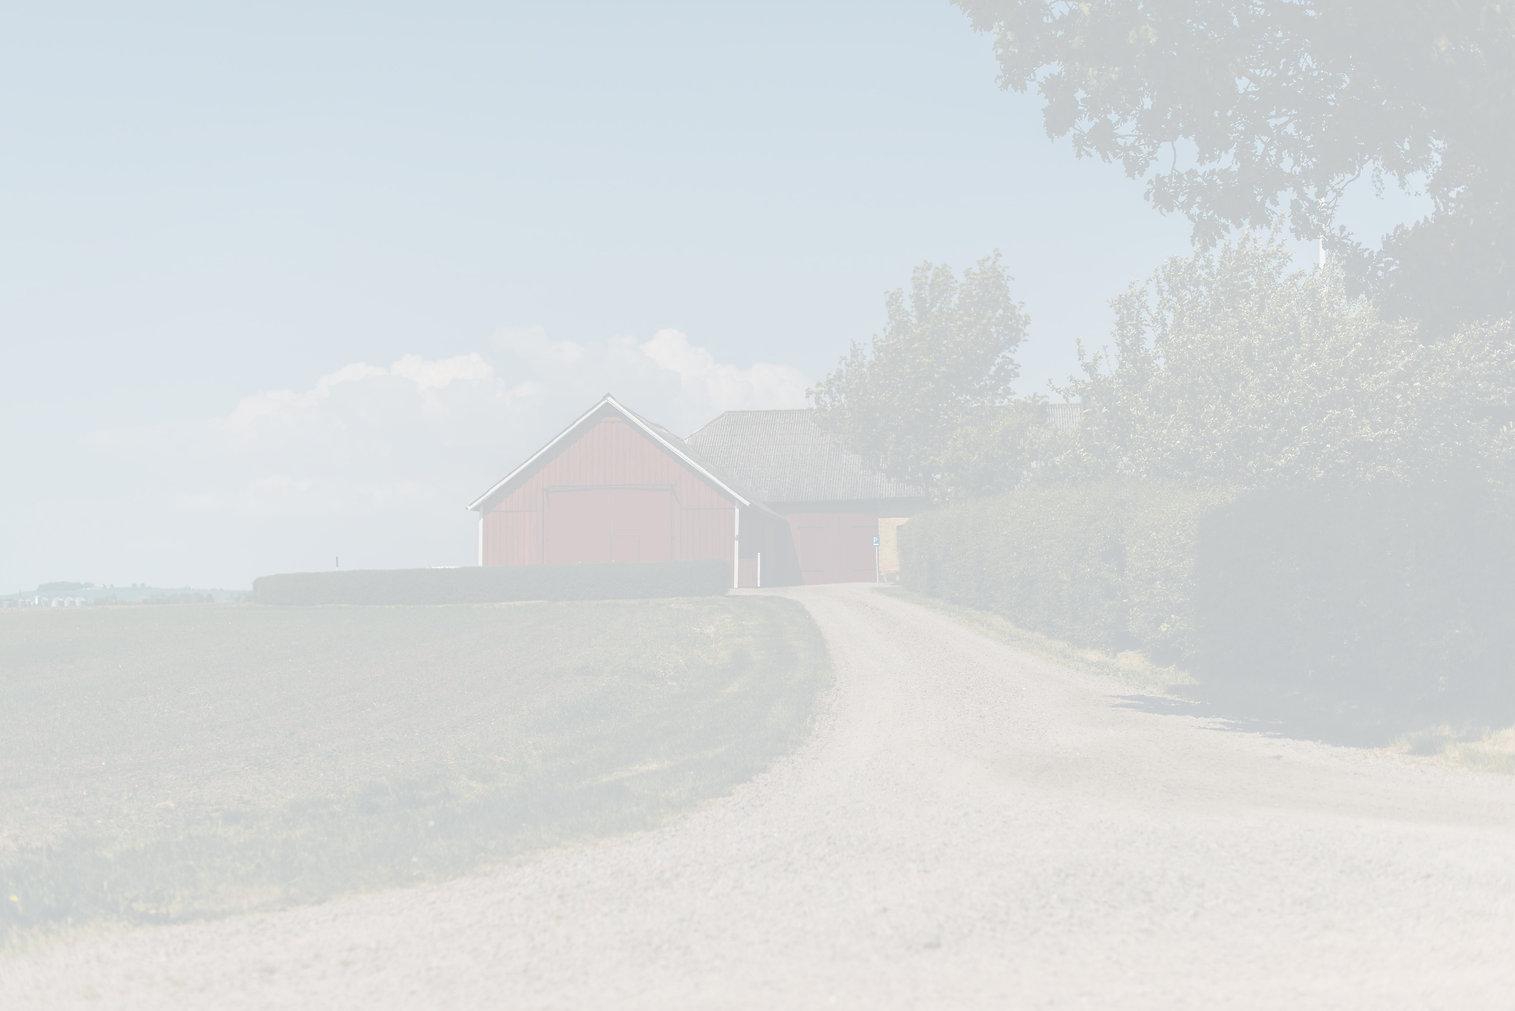 Svalåkra Gård